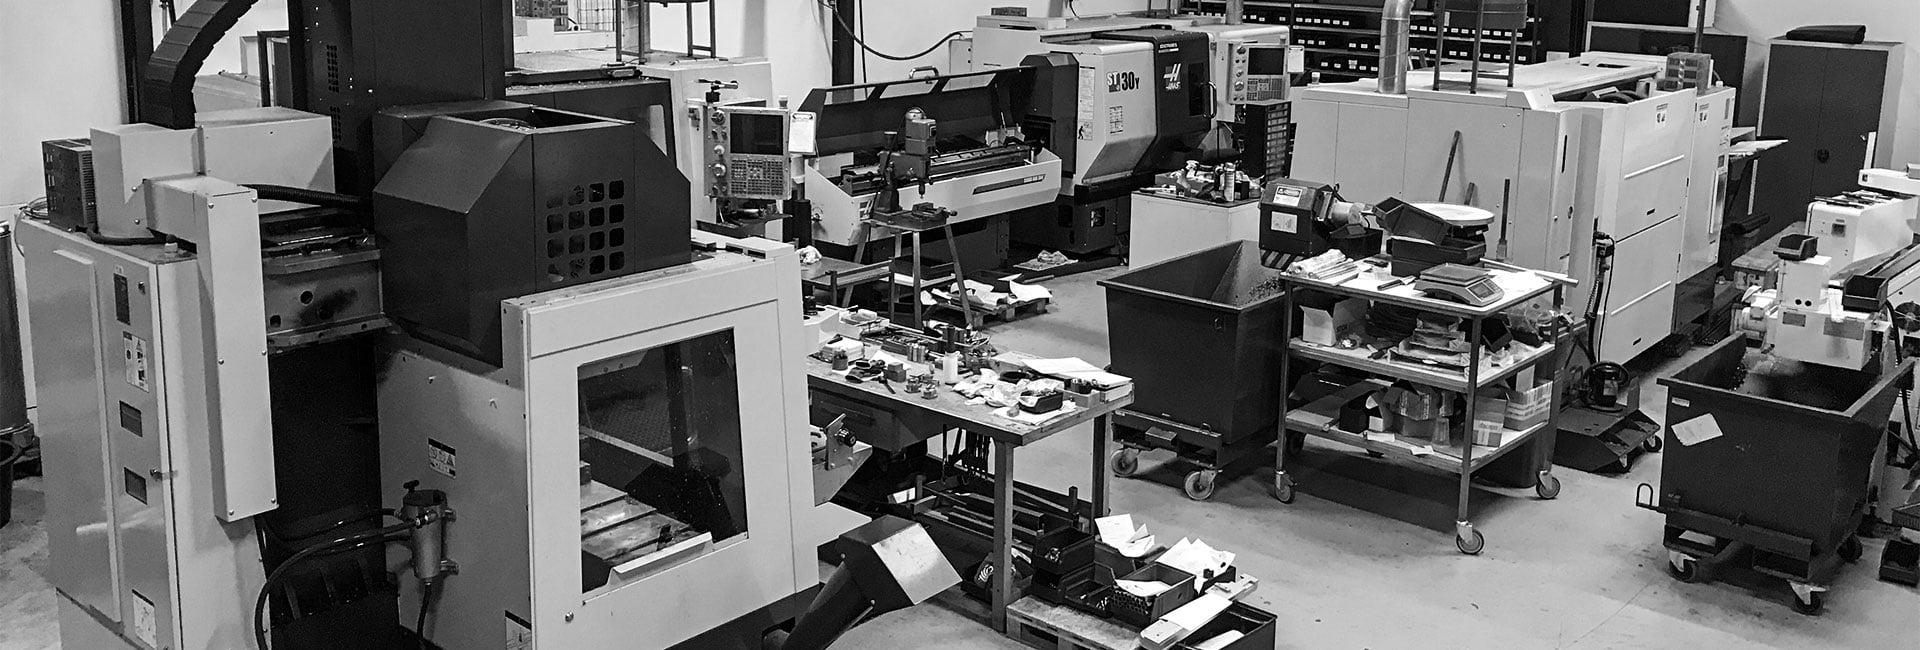 Lars Broe Maskinpark Maskinværksted